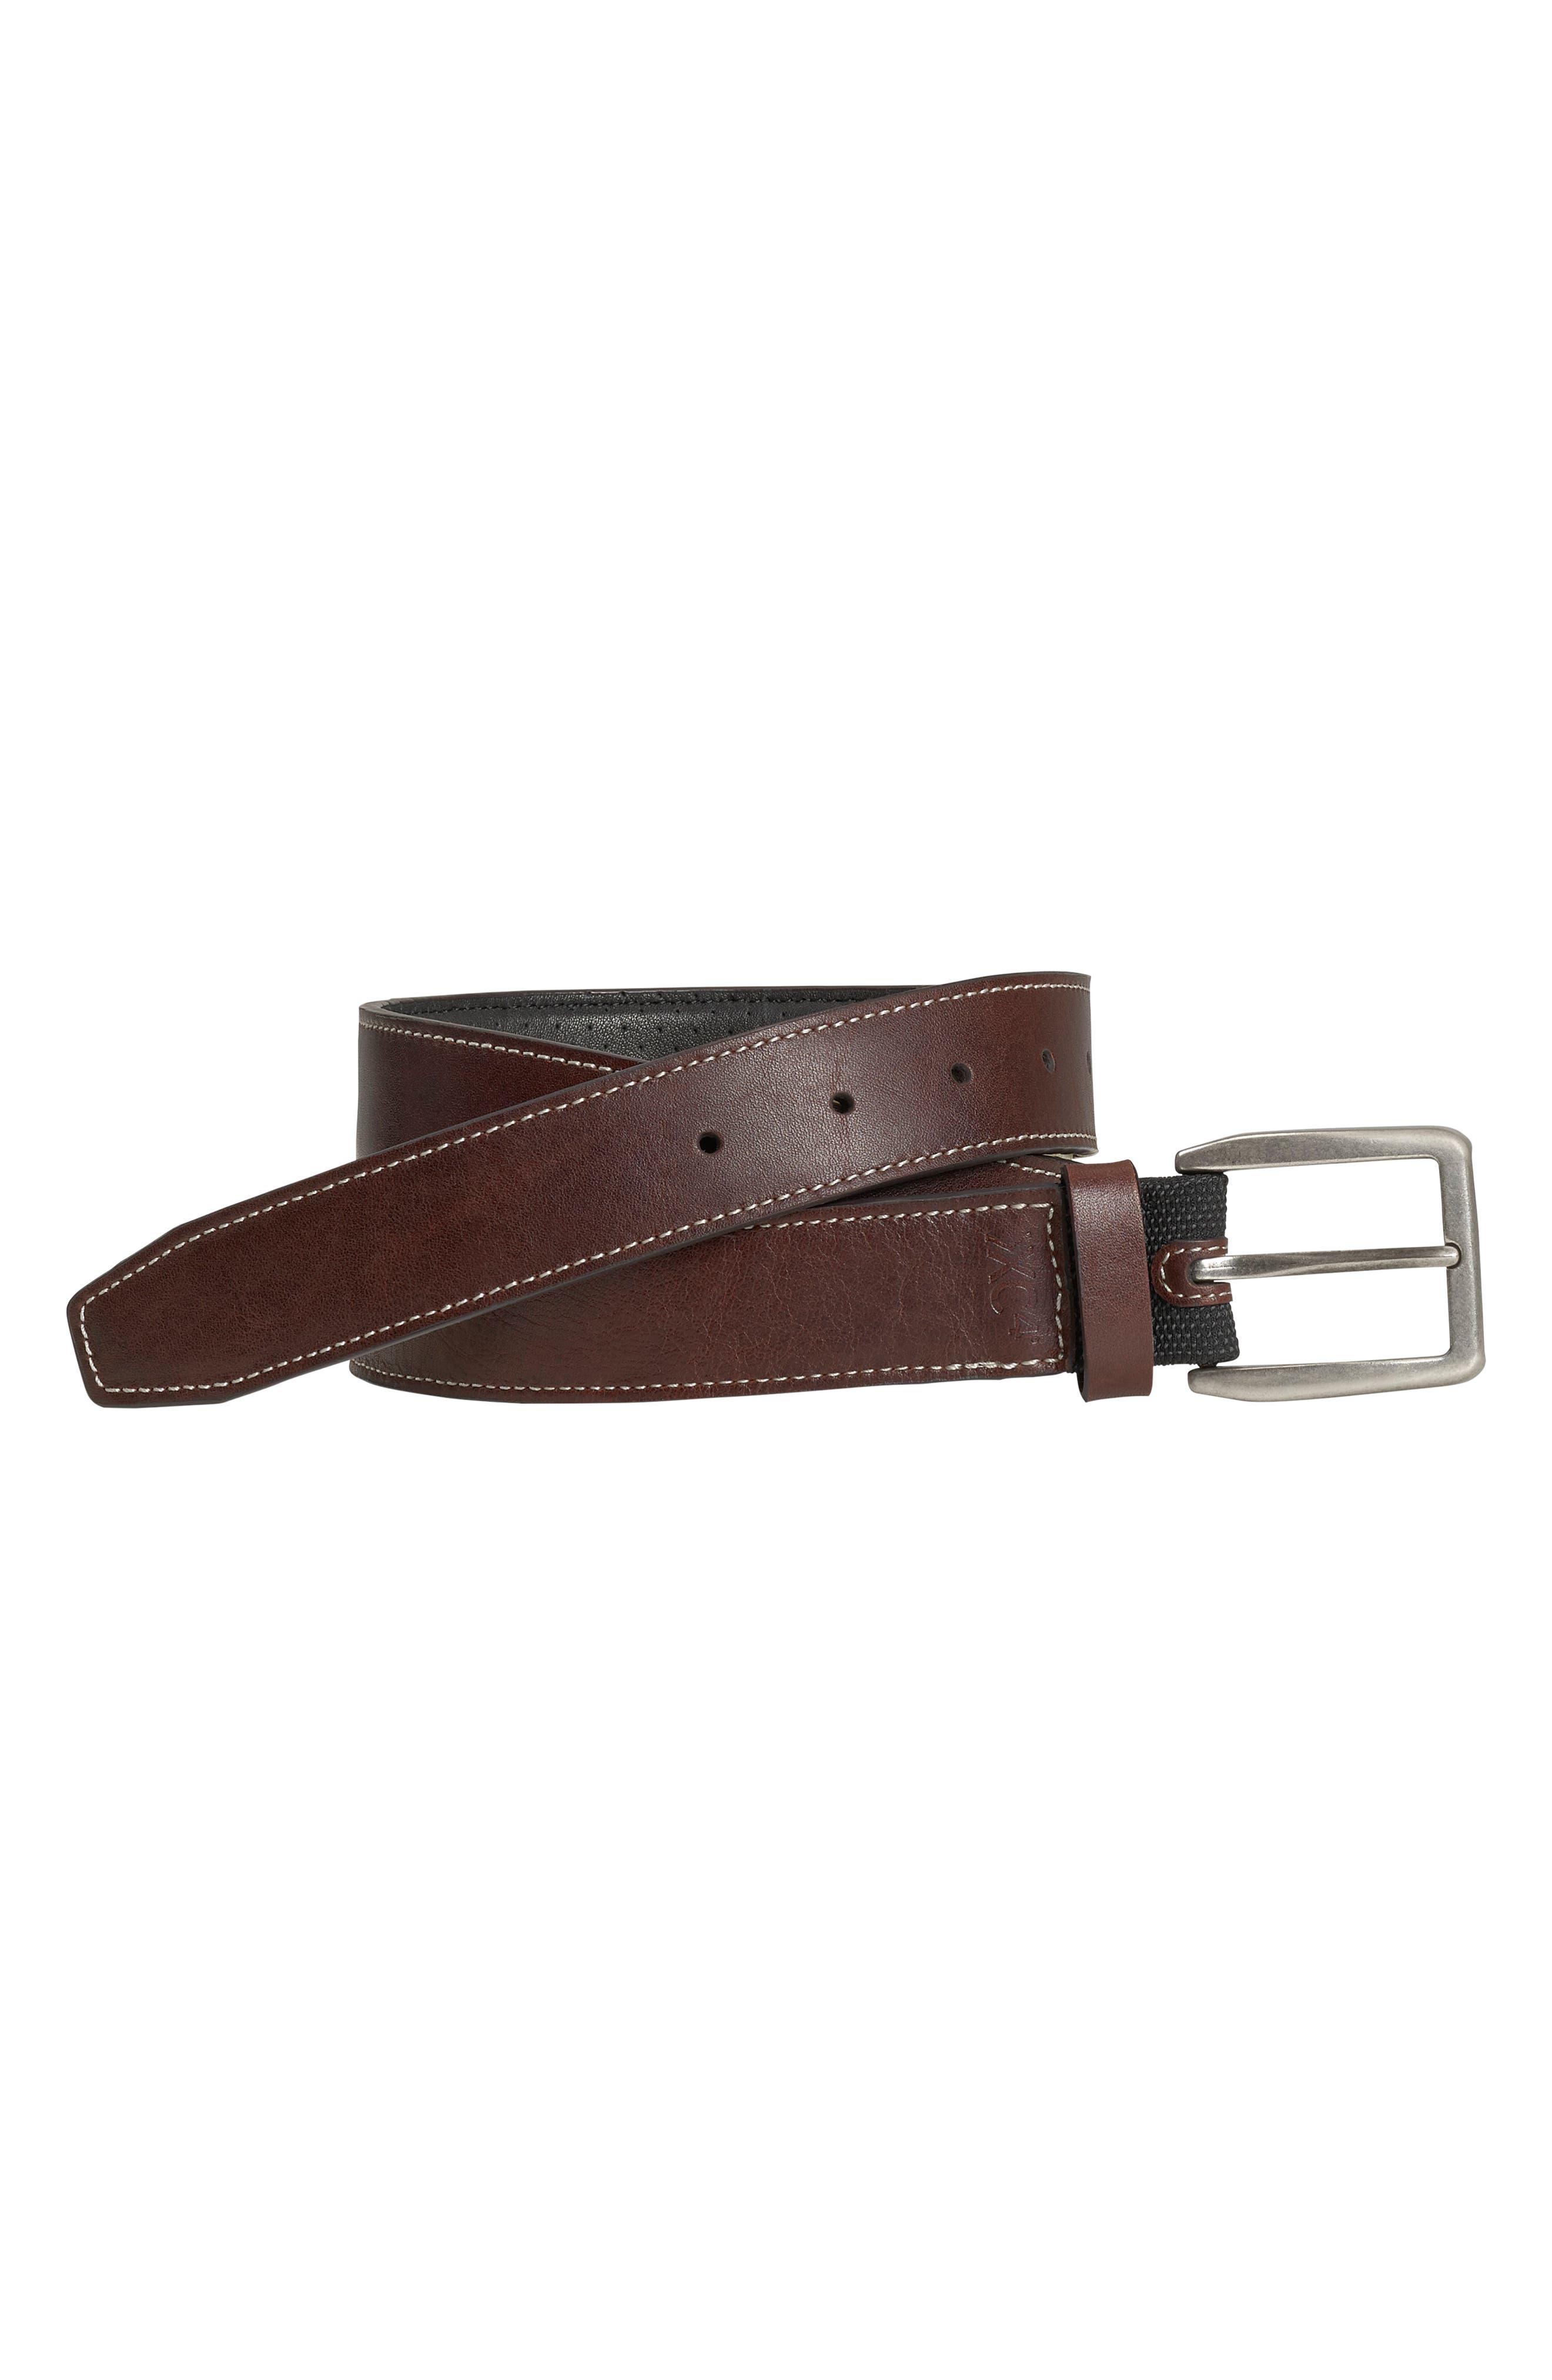 Xc4 Waterproof Leather Belt